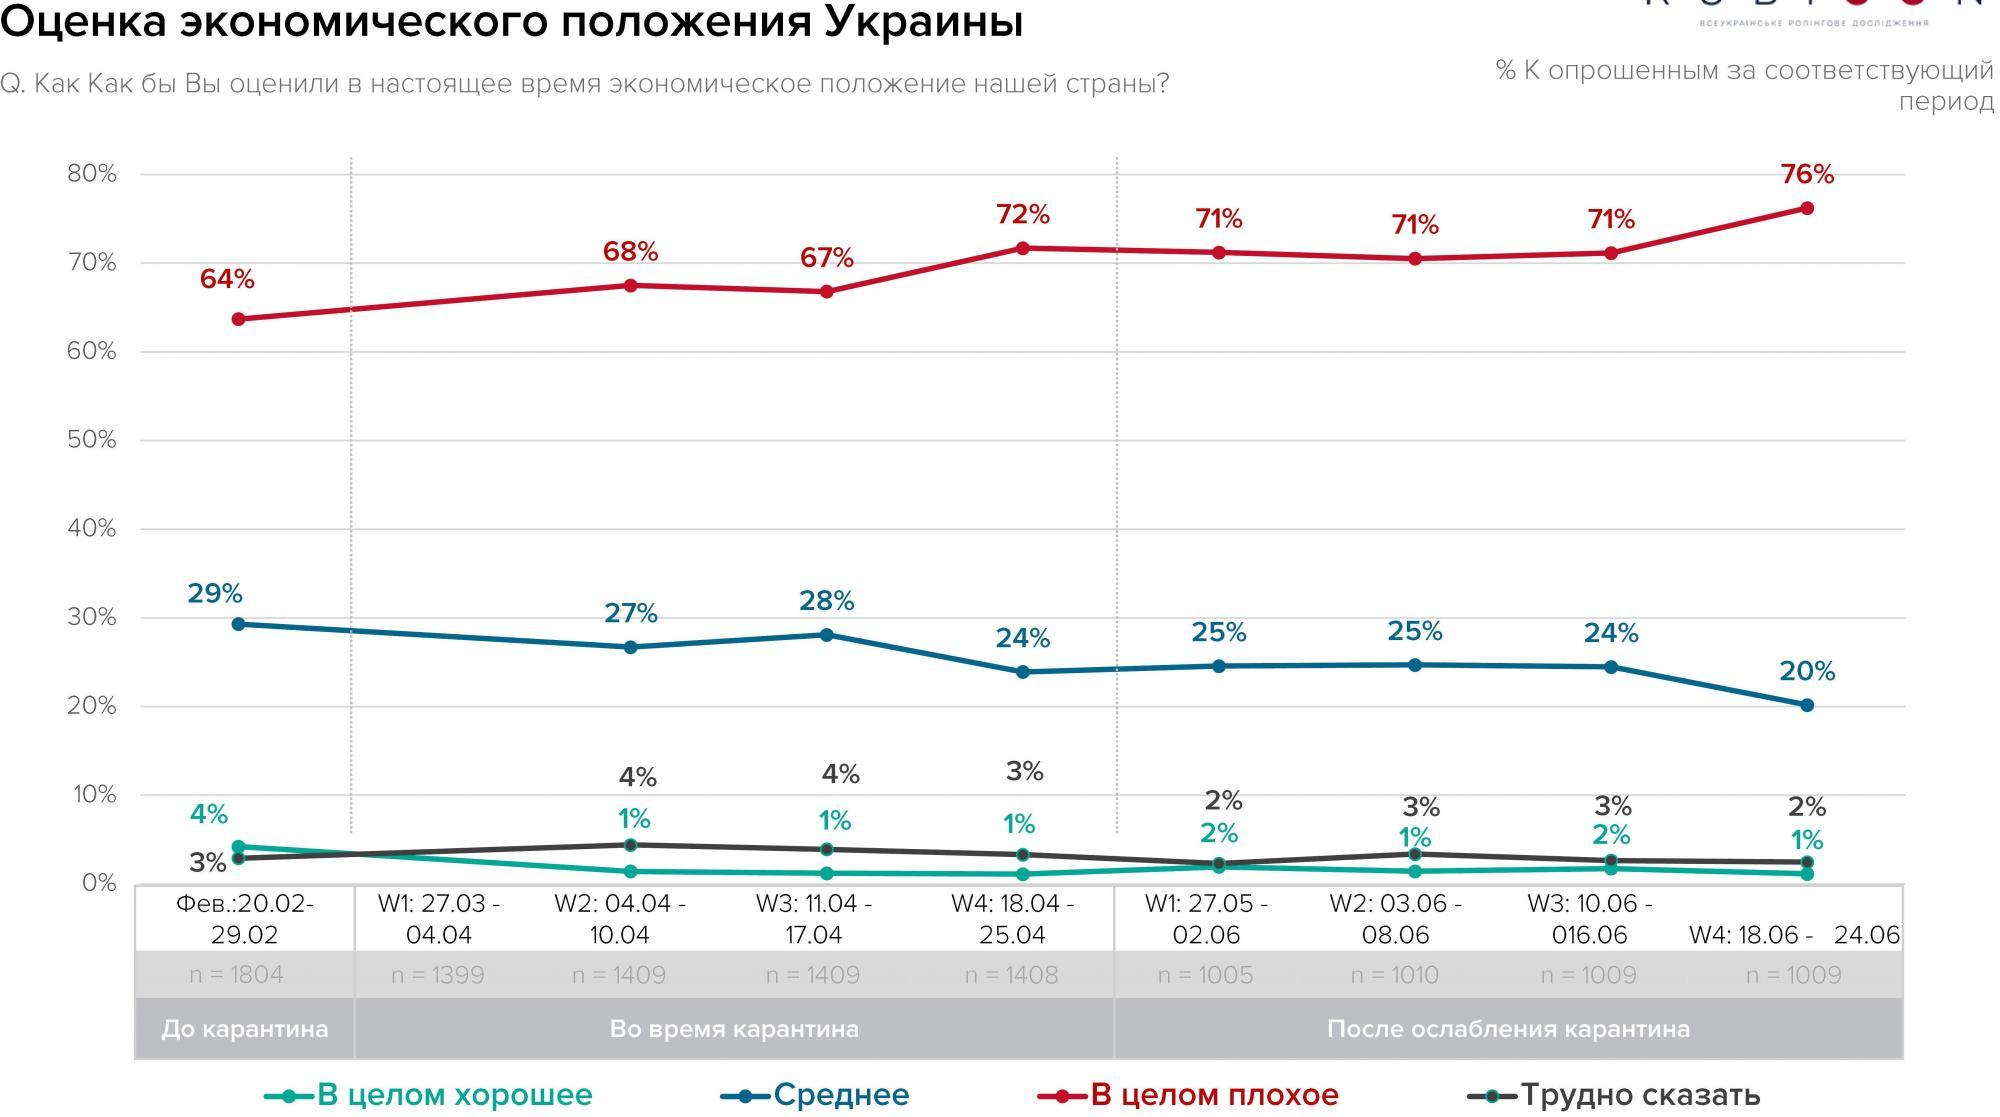 Українці оцінили економічний стан країни